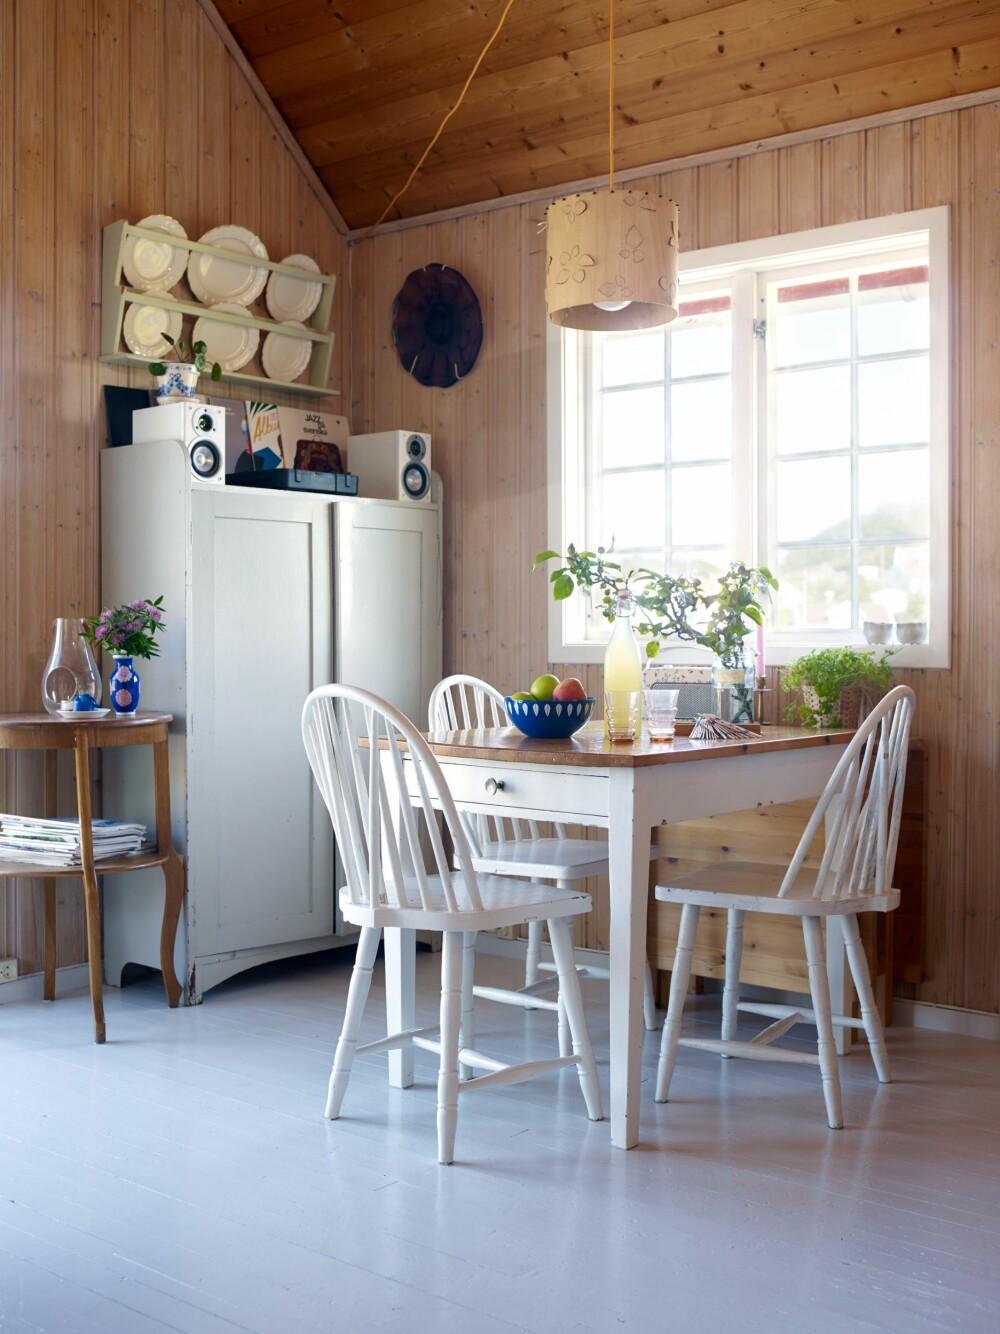 FORNYET: De arvede stolene er malt fra brunt til hvitt med bengalakk, og trukket opp med stoff fra gamle gardiner. Catrineholmkjelene er etter Hannas mormor og morfar – en nesten komplett serie. Taket skal males.